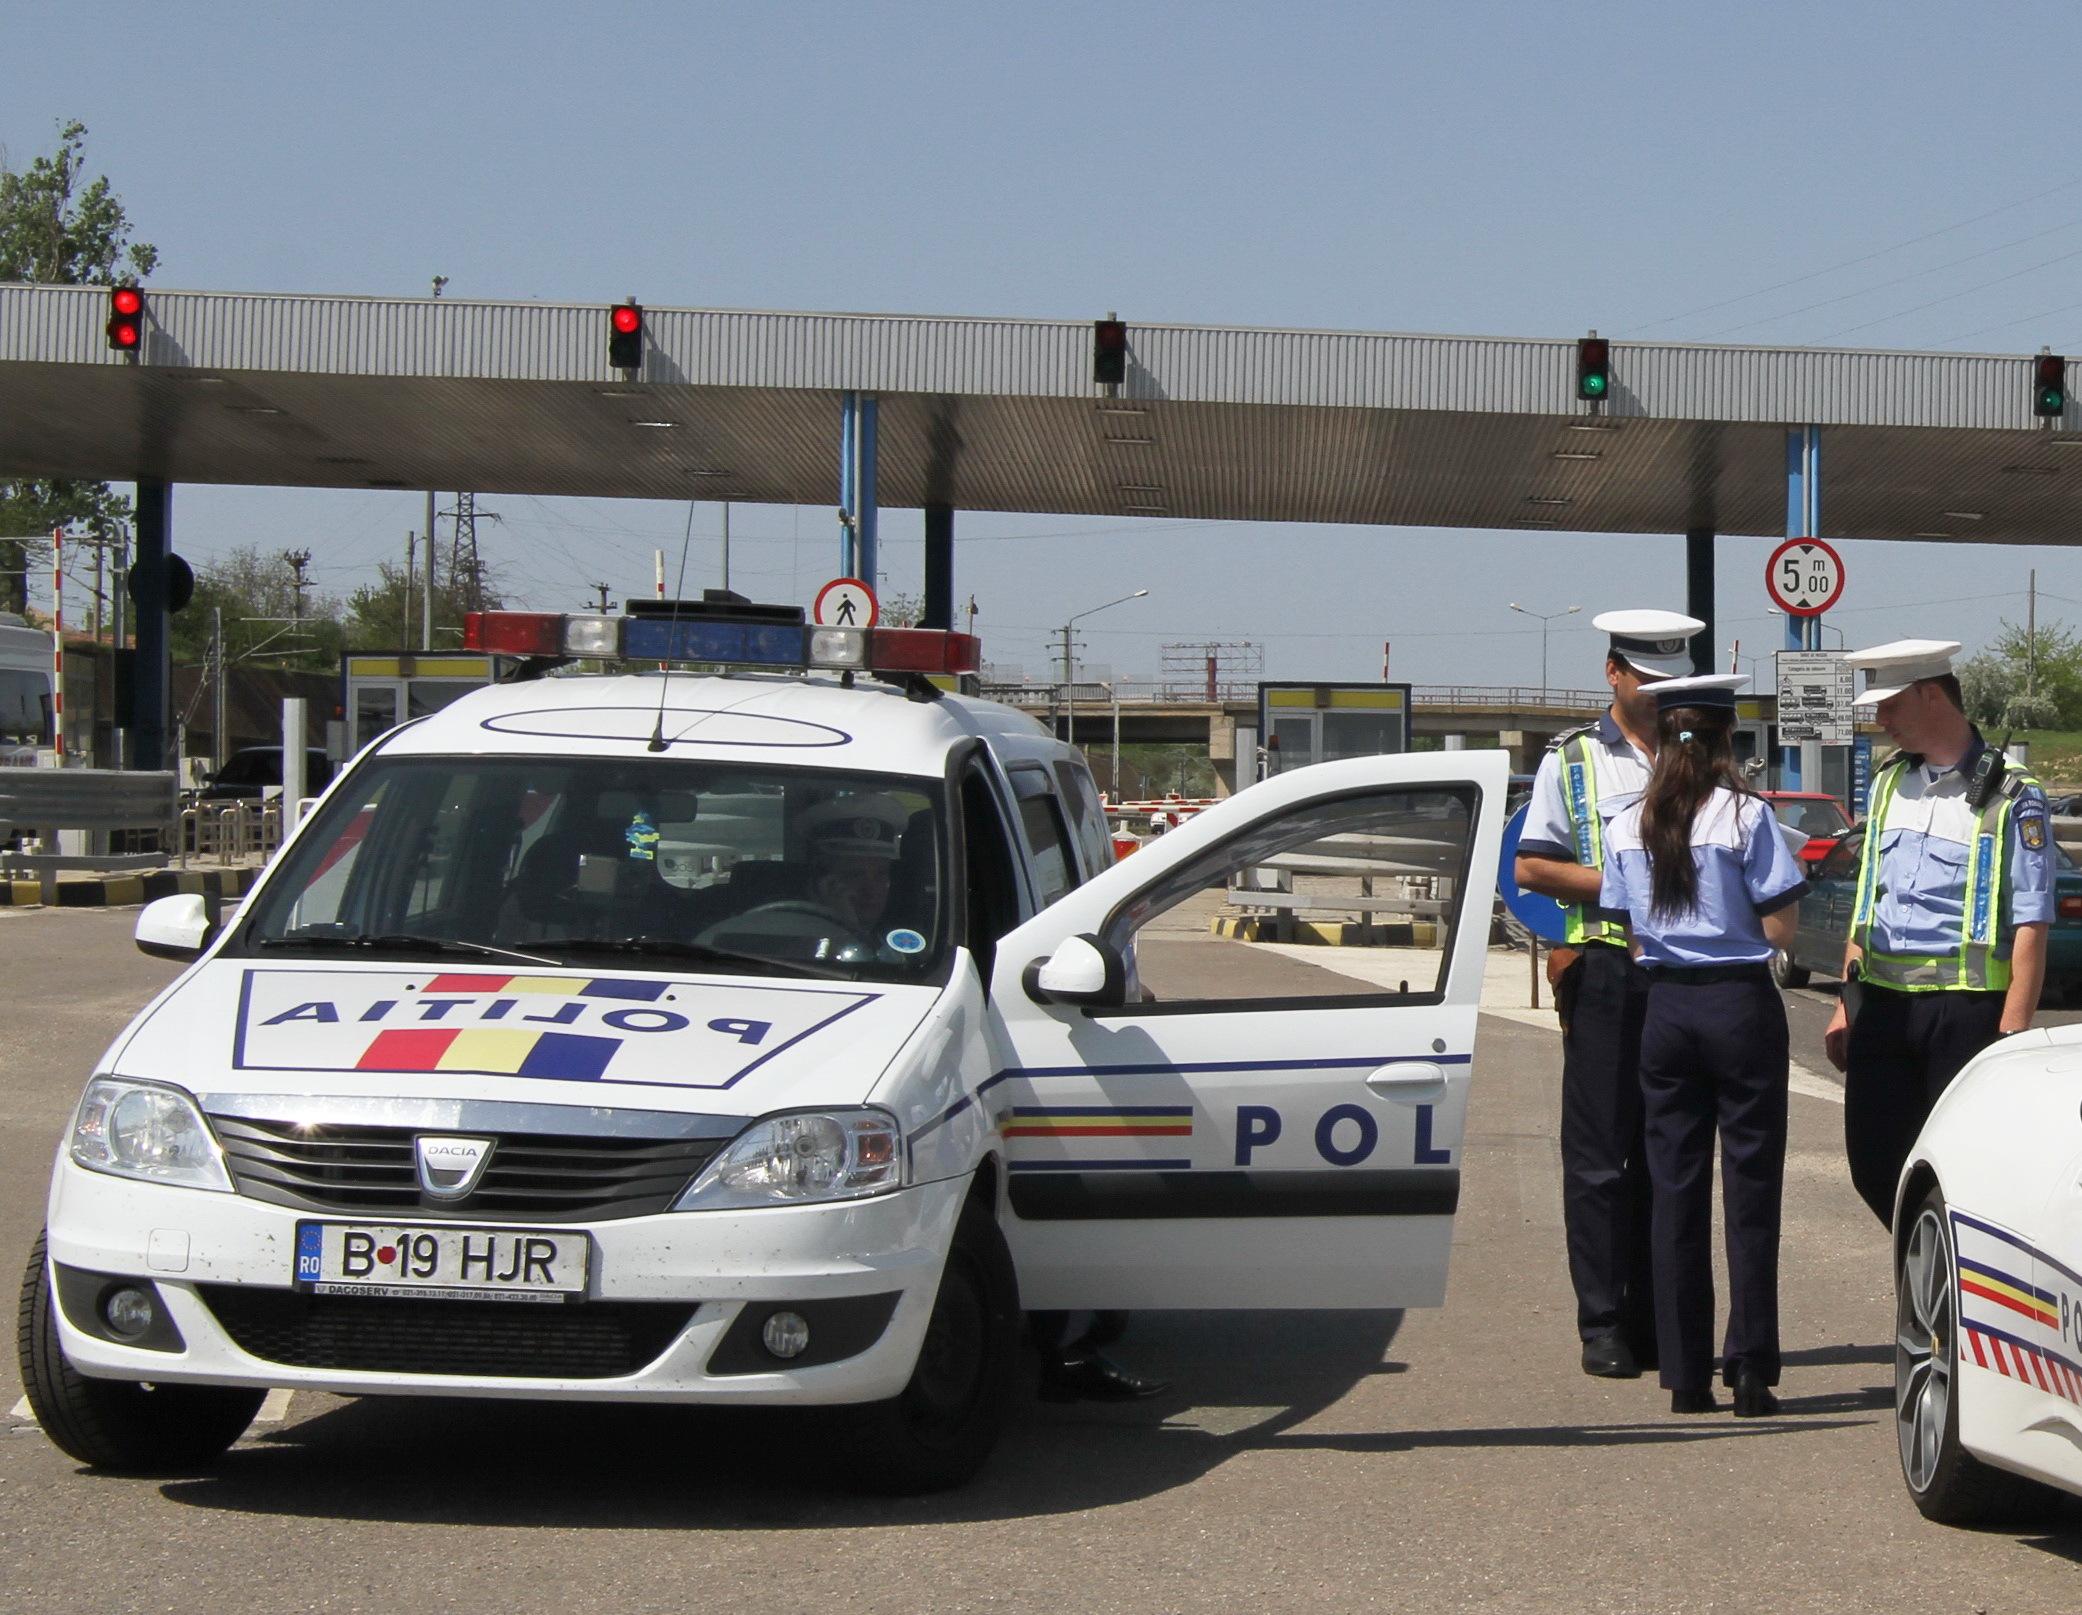 Circulaţia este restricţionată pe DN 76 pentru realizarea lucrărilor la viaductul autostrăzii A1